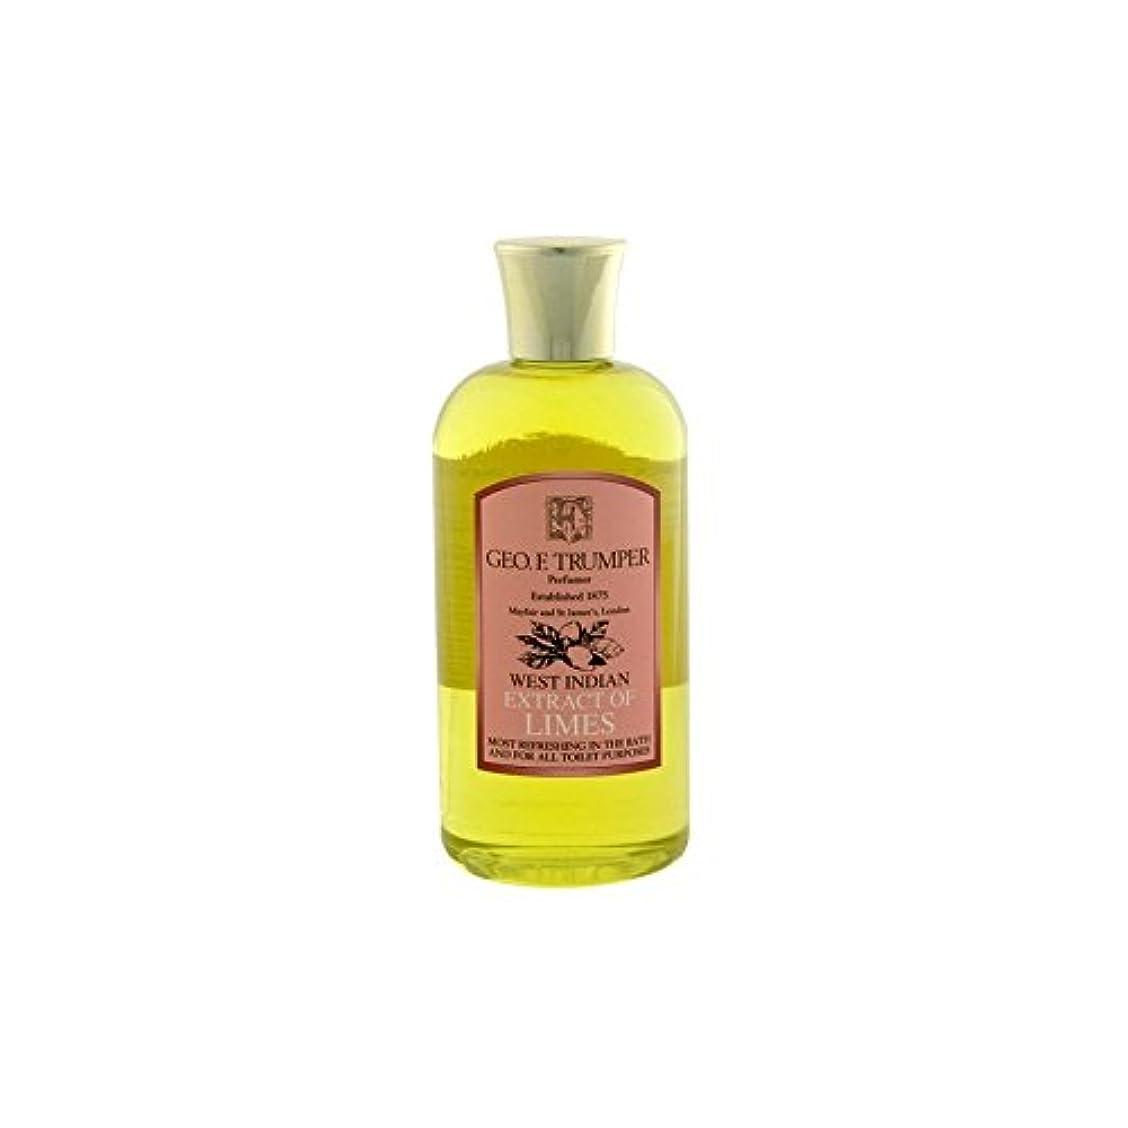 ガムベジタリアンフォームライムのバス&シャワージェル - 500ミリリットル旅 x4 - Trumpers Limes Bath & Shower Gel - 500ml Travel (Pack of 4) [並行輸入品]